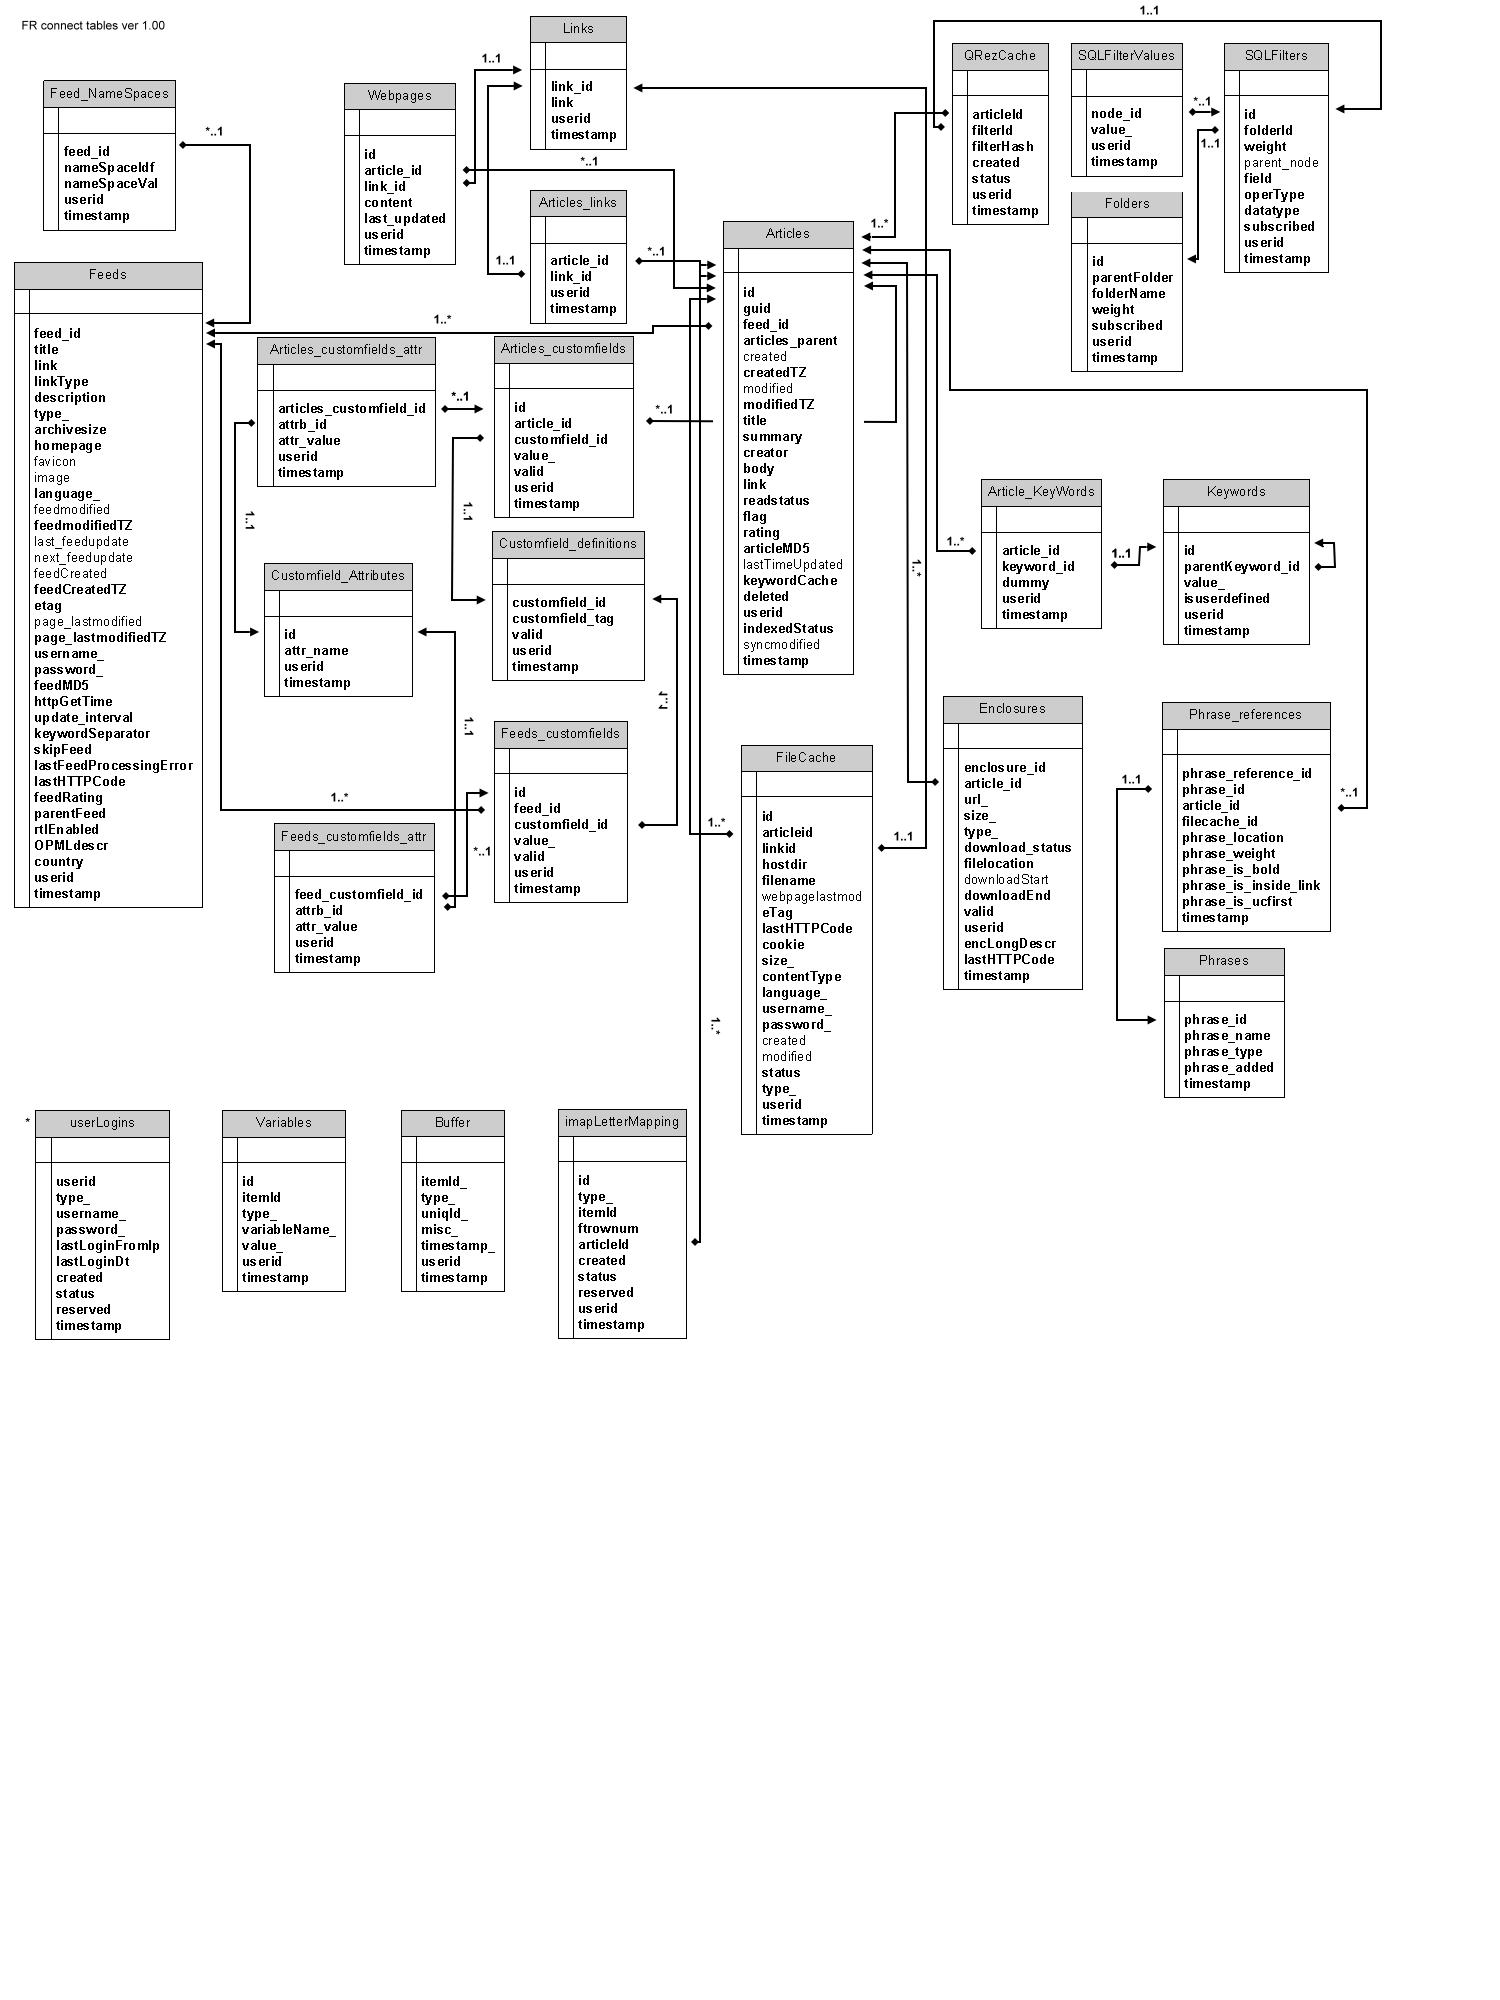 feedreader connect server database schema